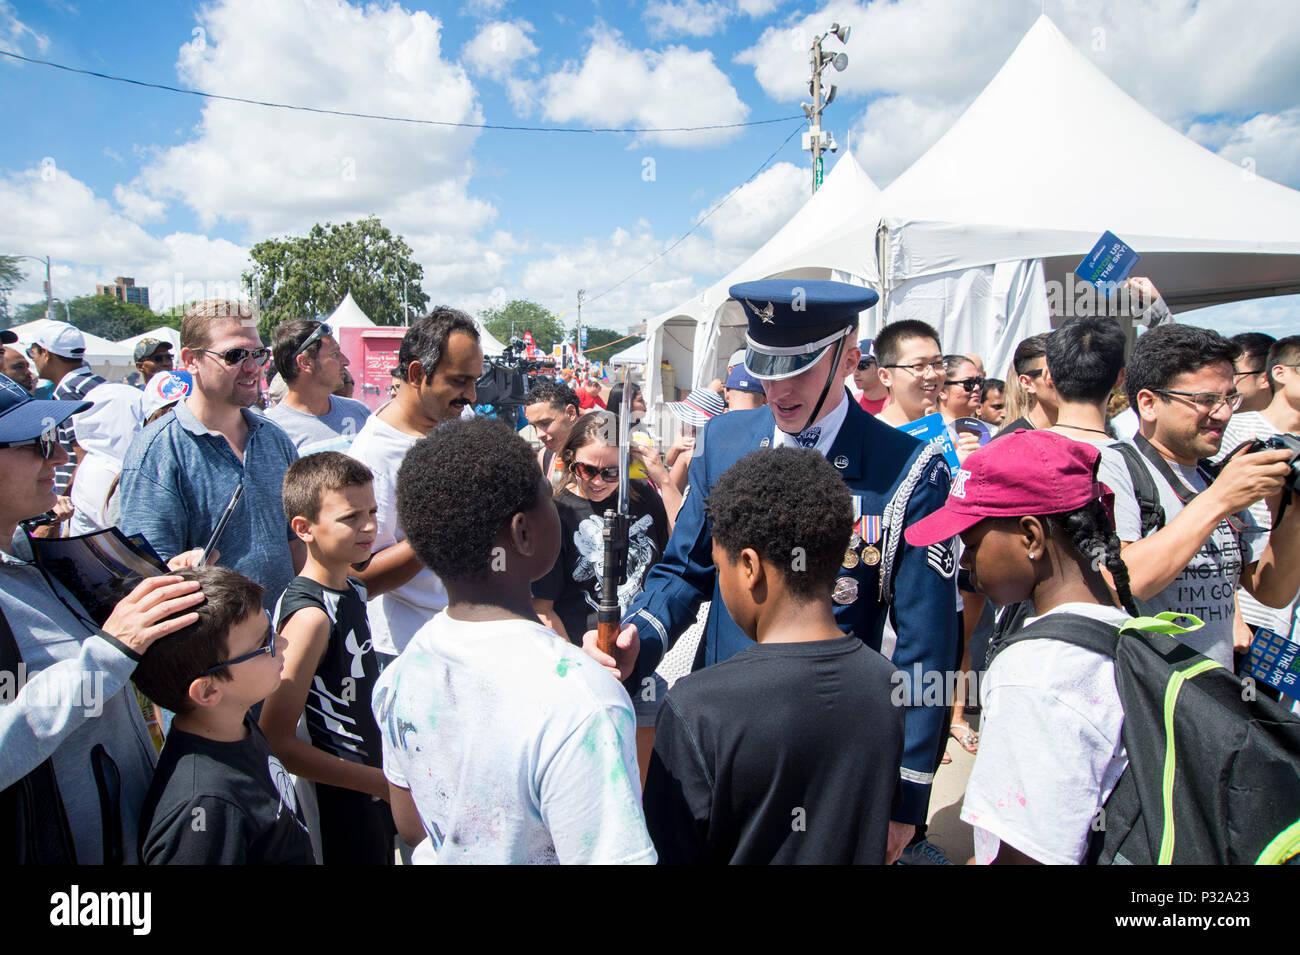 Le s.. Alexander Wilson, Garde d'honneur de l'US Air Force, membre de l'équipe de forage montre son M1-Garand carabine à la foule après une performance de quatre hommes au cours de la 58e assemblée annuelle de l'air et l'eau de Chicago Montrer sur la rive du lac Michigan à Chicago le 21 août 2016. Les vedettes étaient les Thunderbirds de l'USAF, l'armée américaine et les chevaliers d'or de la Marine américaine Leap de grenouilles. (U.S. Photo de l'Armée de l'air par la Haute Airman Ryan J. Sonnier) Banque D'Images